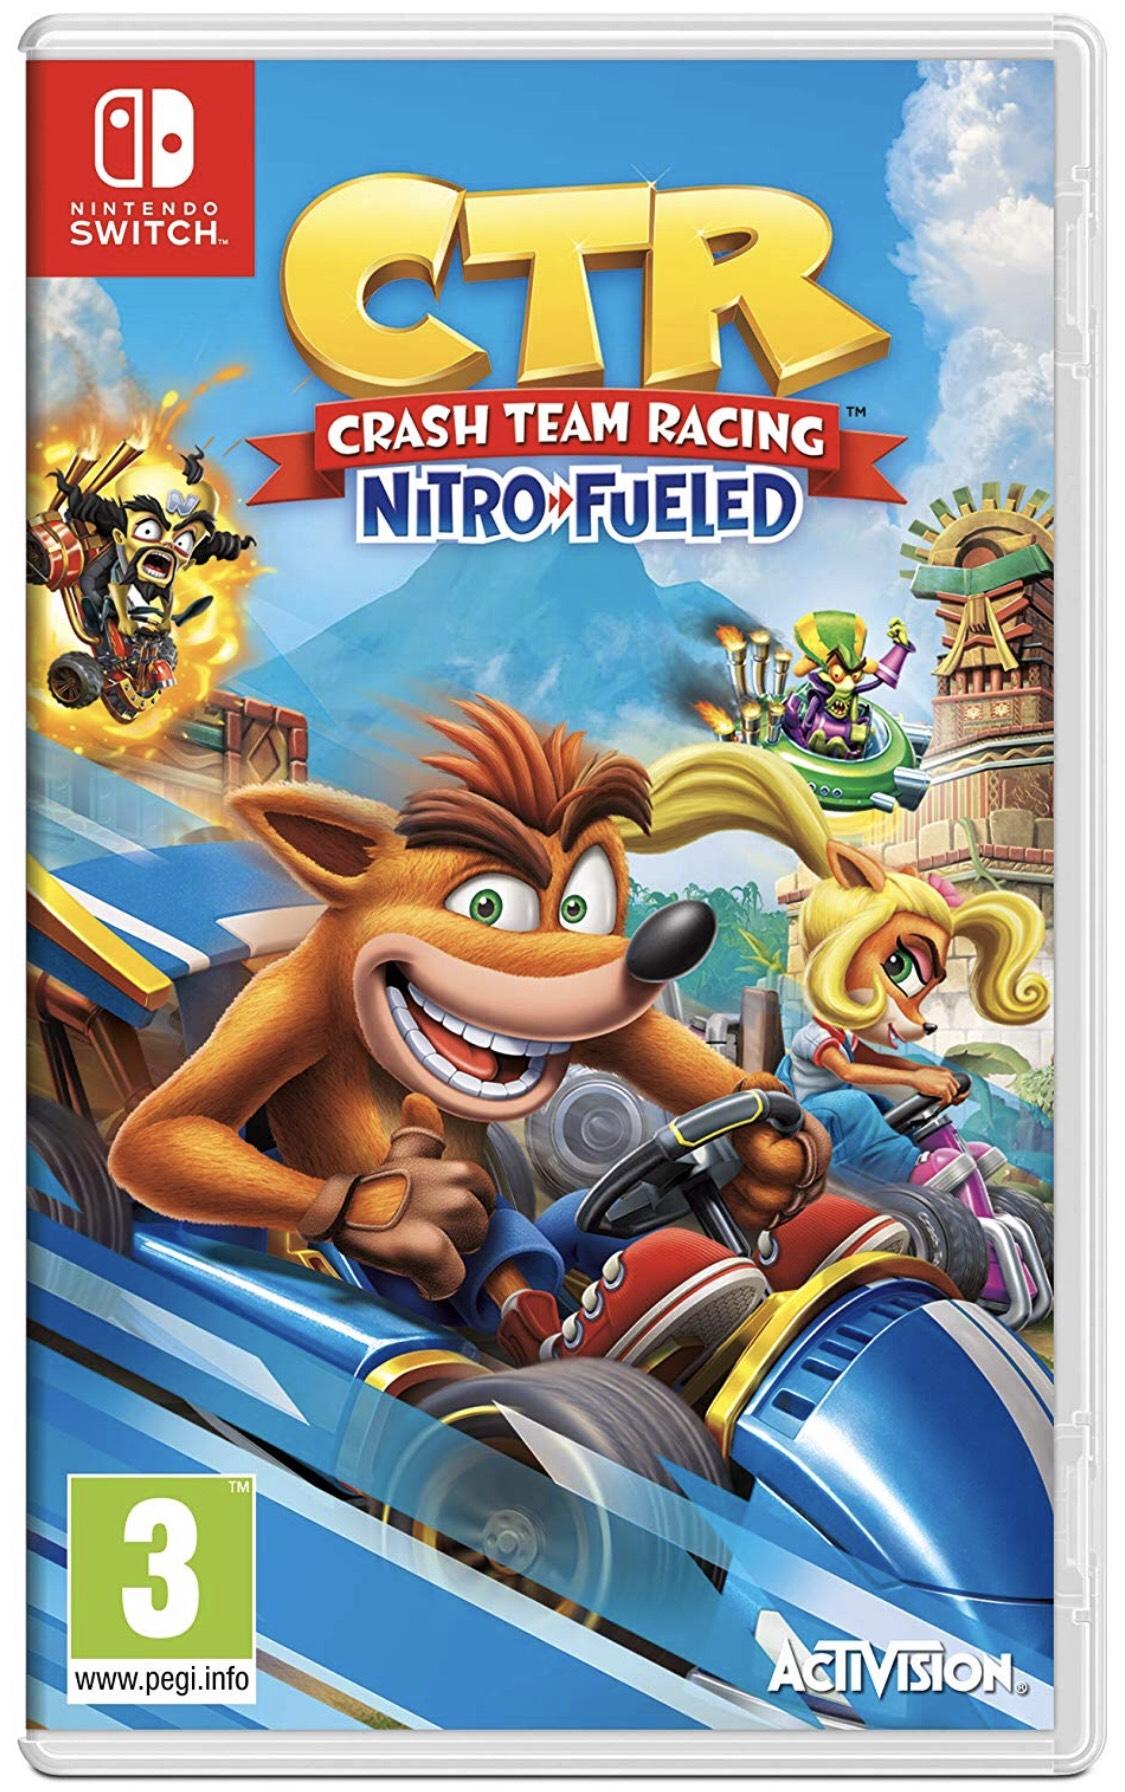 CrashTM Team Racing Nitro-Fueled (Nintendo Switch) £23 Amazon